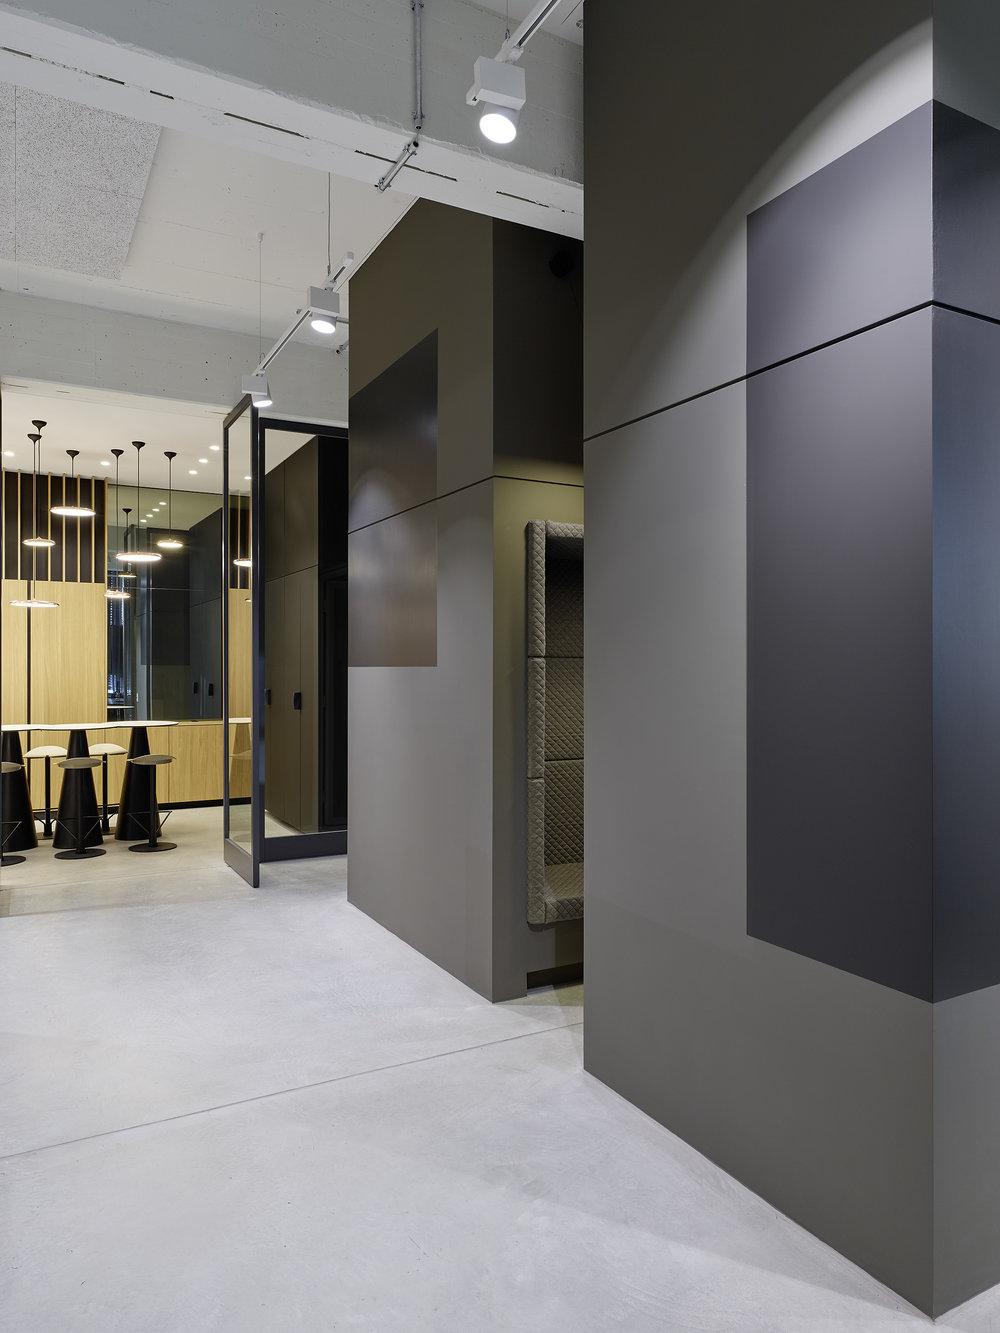 Innenarchitektur Stuttgart - Büro, Office,interior architecture, bwlive, Arbeitswelt, Nachhaltigkeit, Studio Alexander Fehre